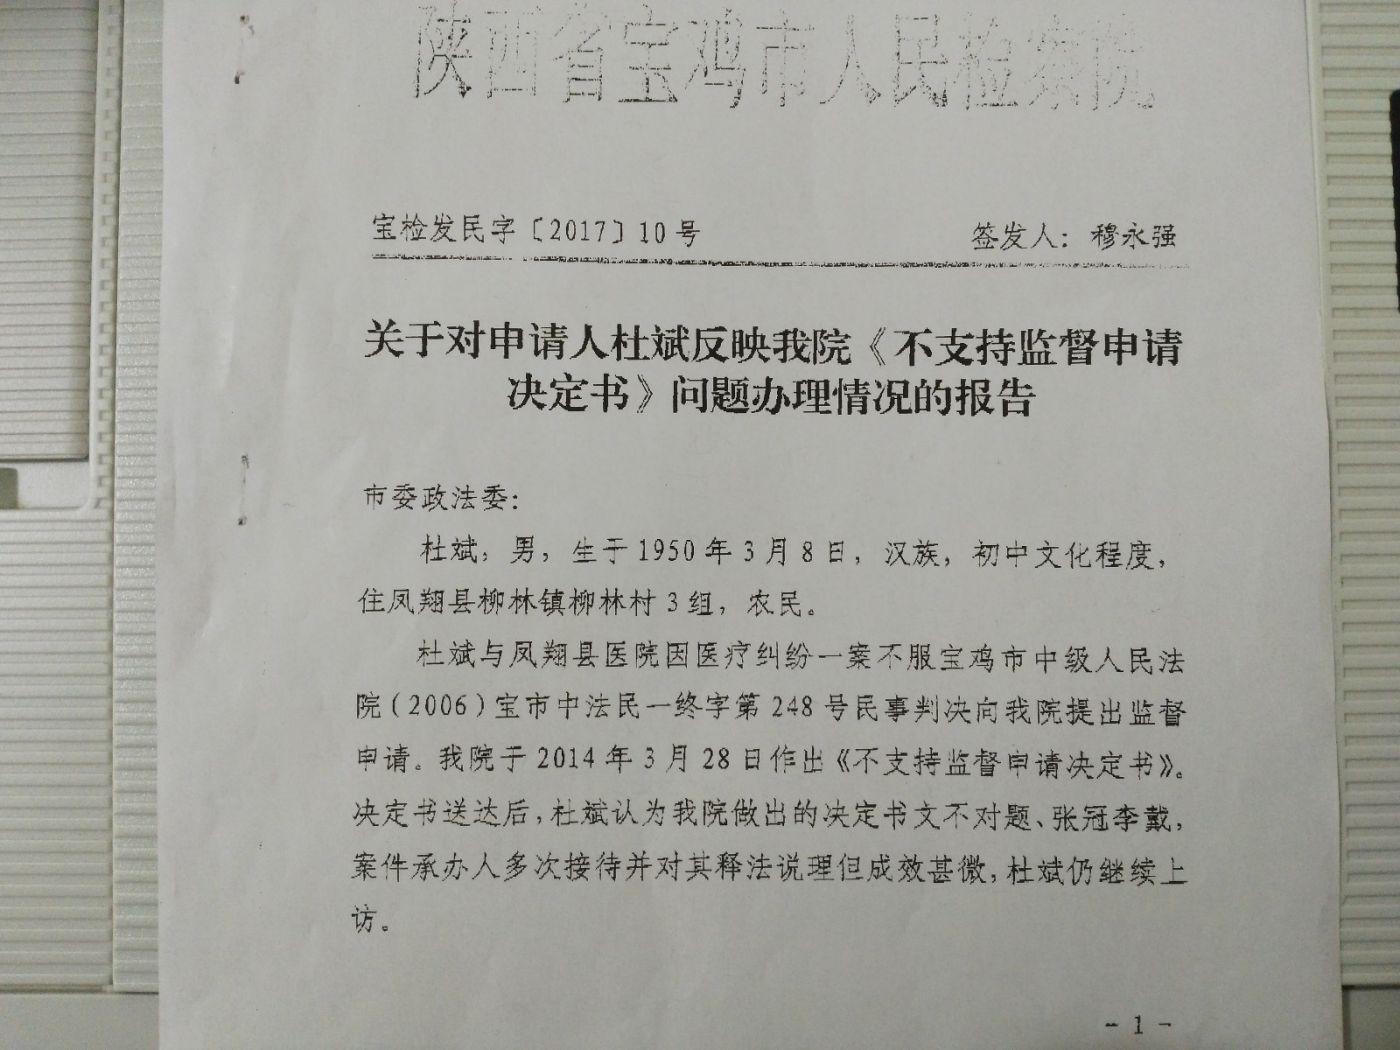 """关于陕西省宝鸡市检察院涉嫌监督程序""""空转""""质疑举报_图1-1"""